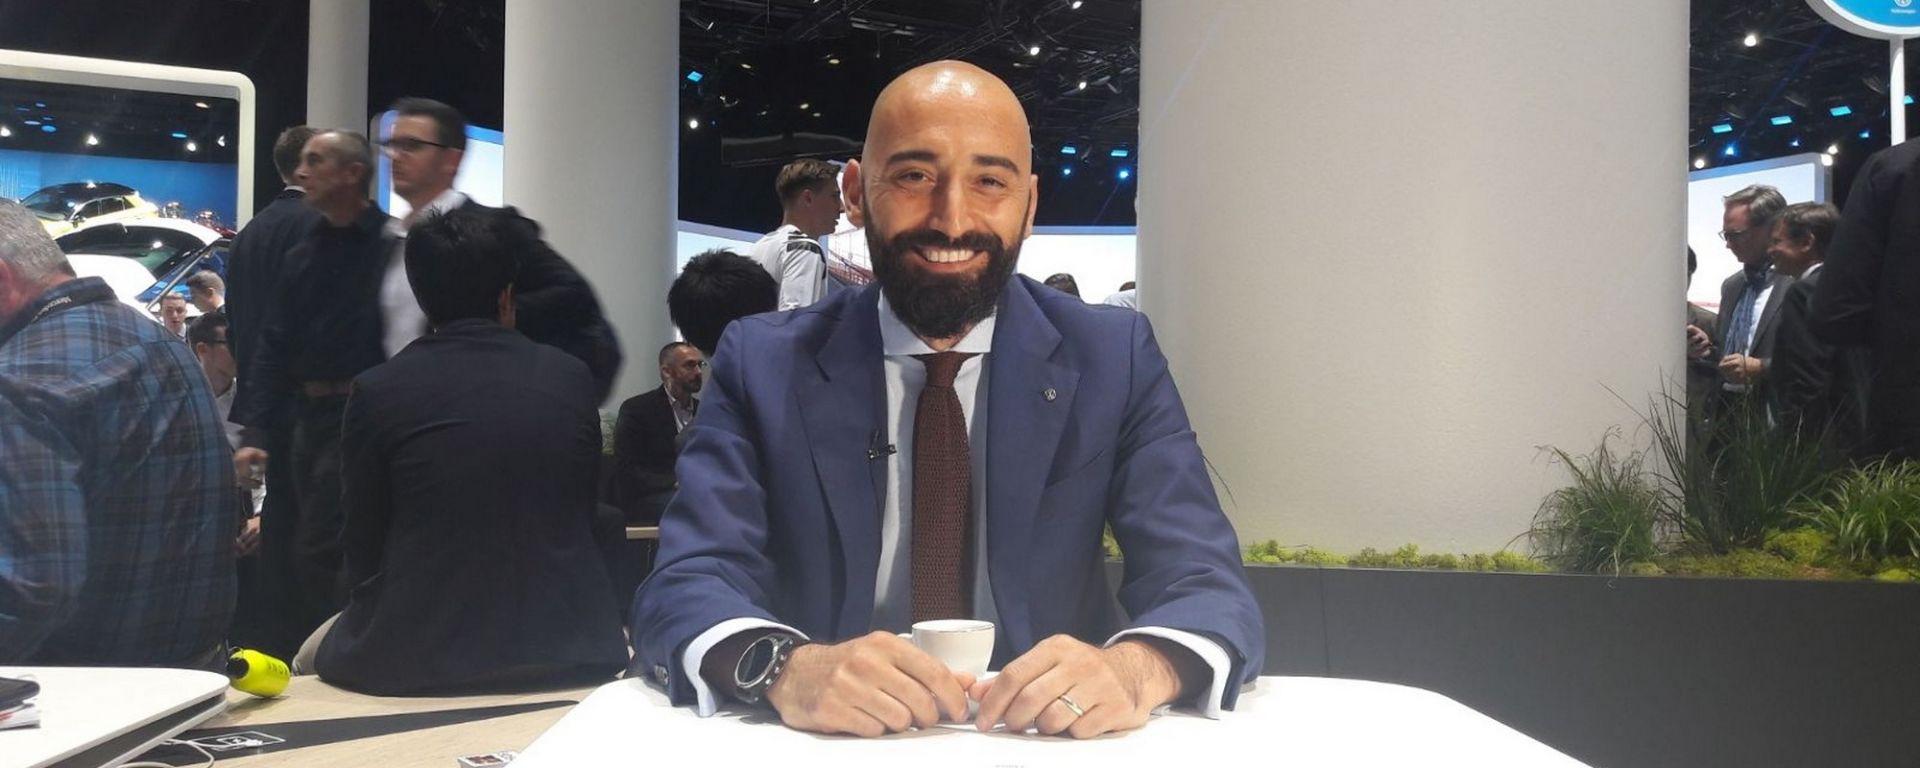 Le novità Volkswagen raccontate da Fabio Di Giuseppe, Direttore Marketing Volkswagen Italia